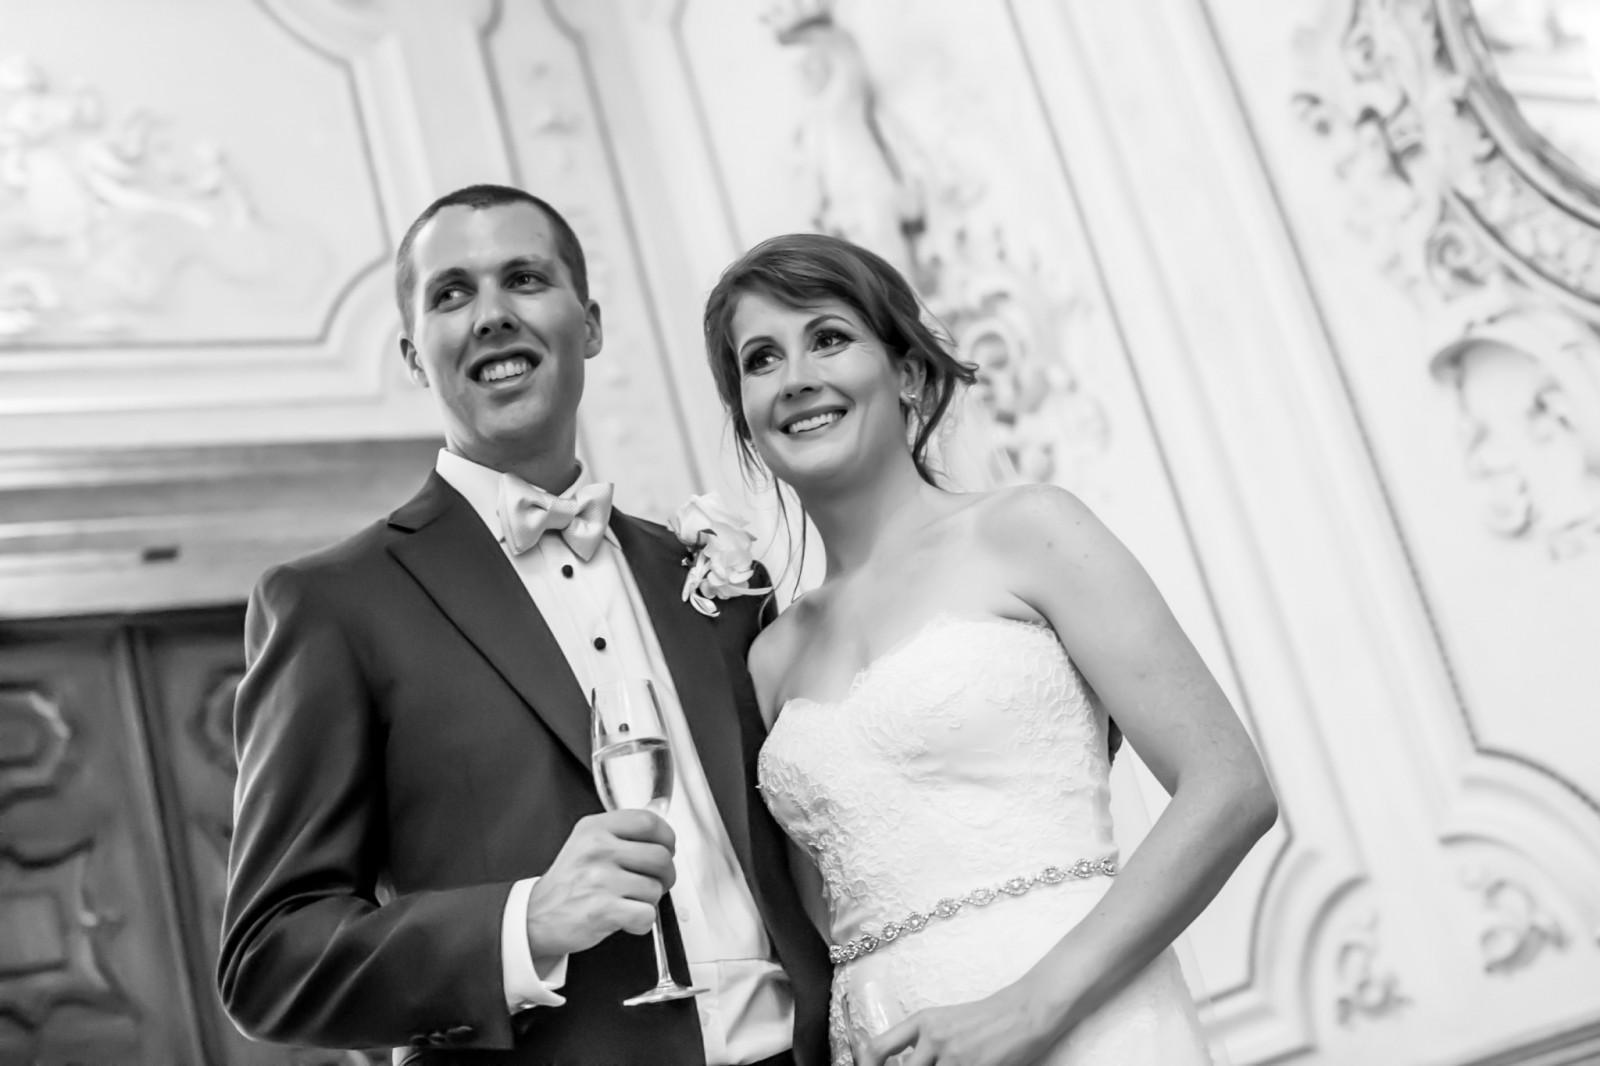 Joshua e Ashley from Boston,23 September 2014 - Jewish wedding in Venice by Michela Zucchini Studio-15